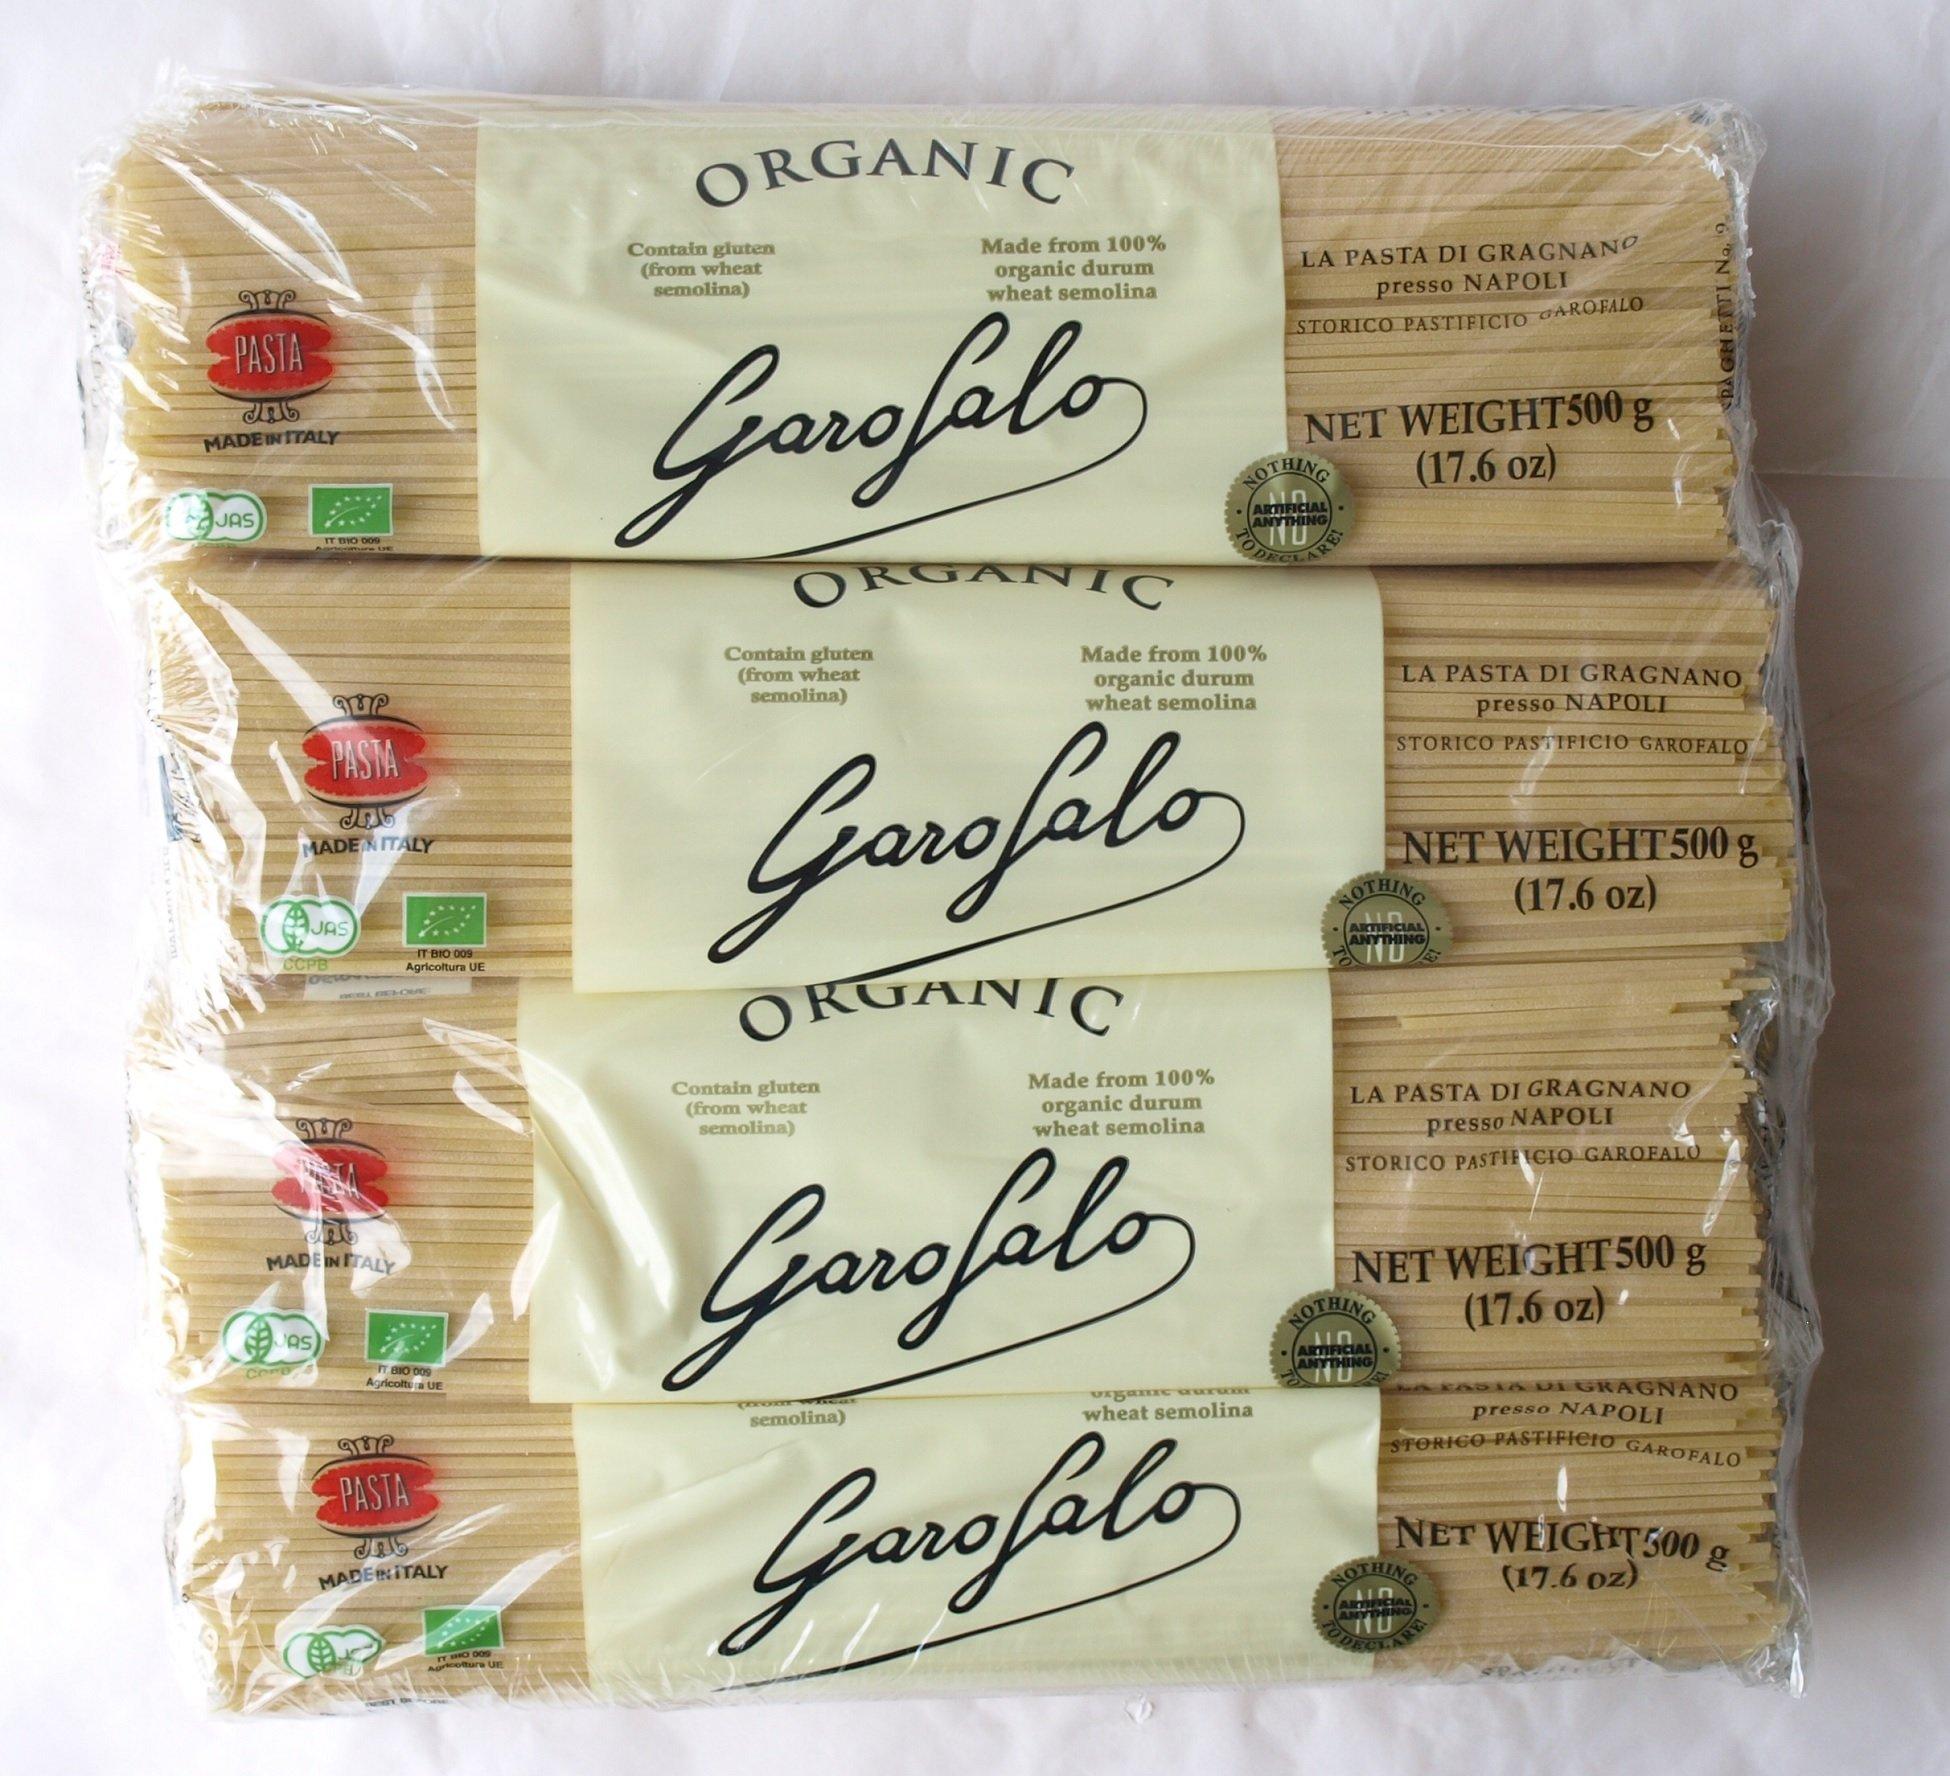 Garofalo, ORGANIC Spaghetti 8.8 lbs. (Pack of 8)